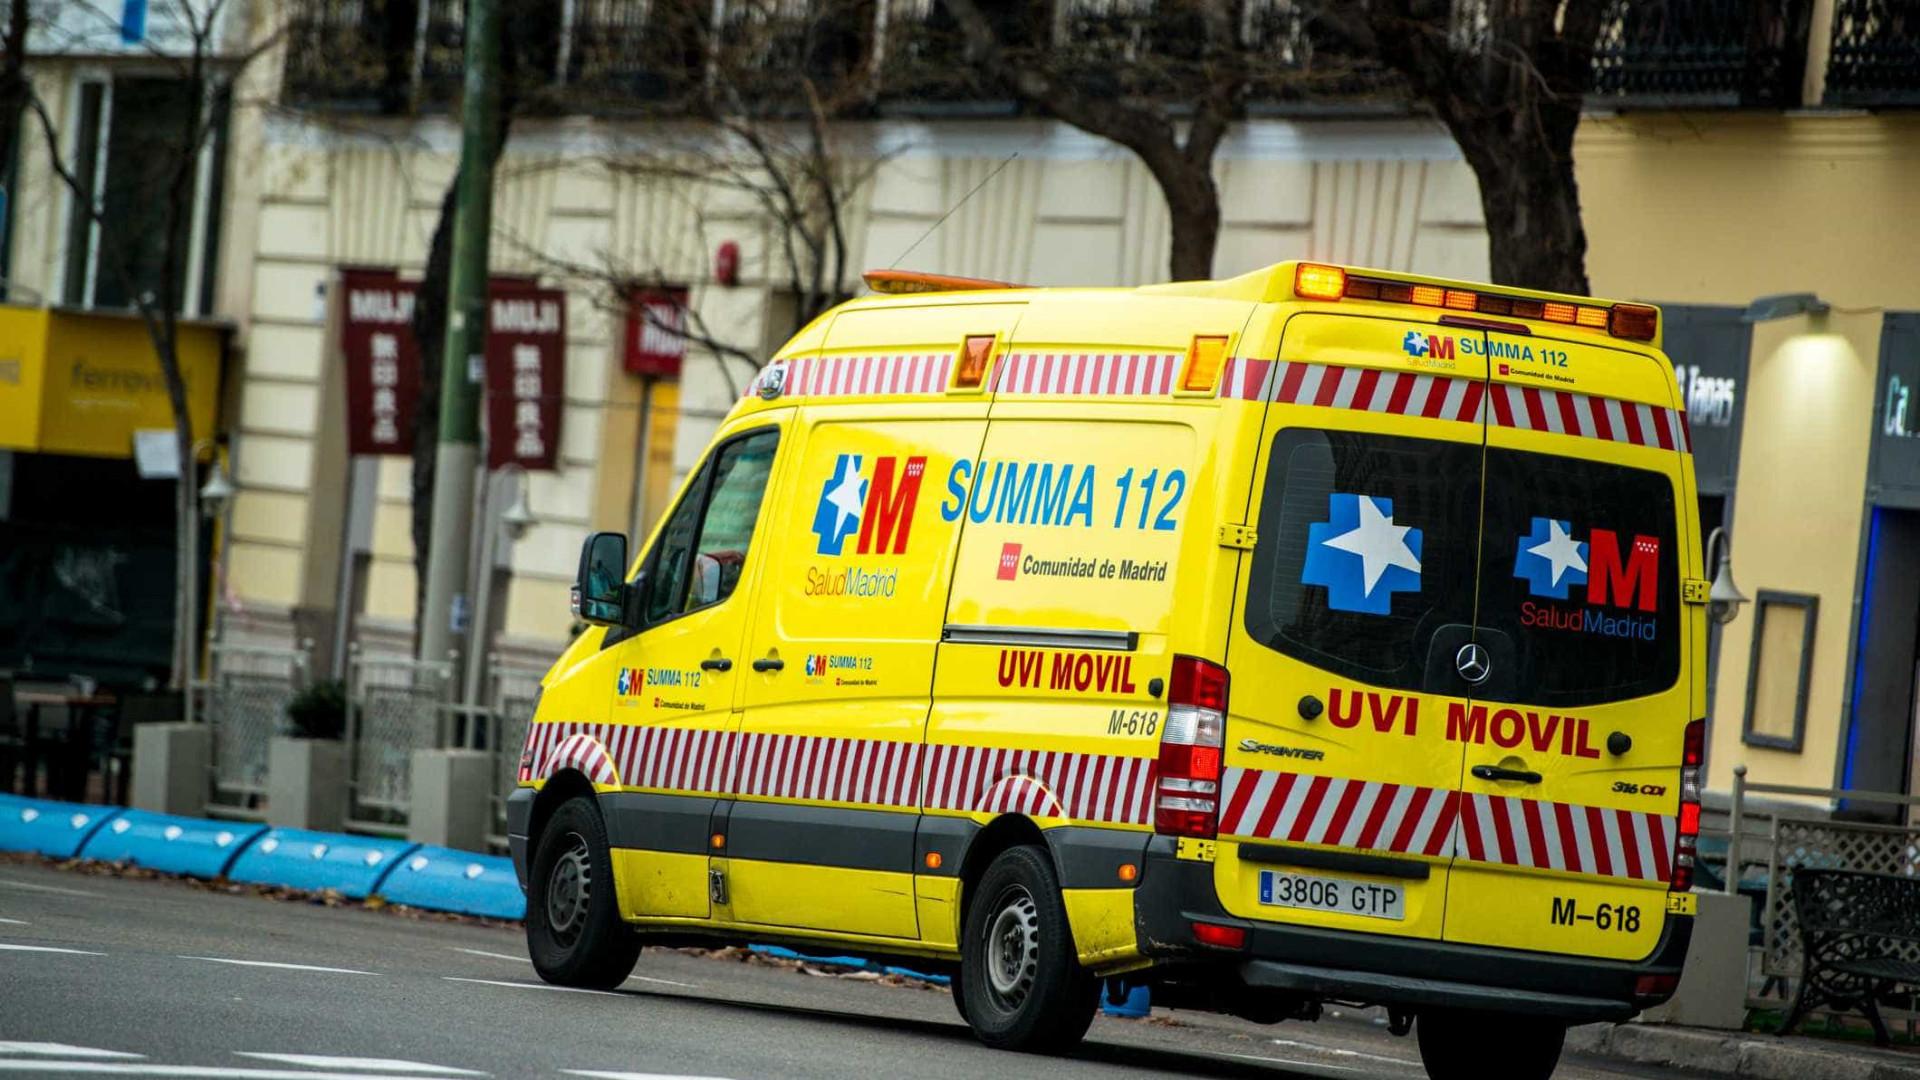 Acidente ferroviário em Espanha provoca 45 feridos, quatro em estado grave